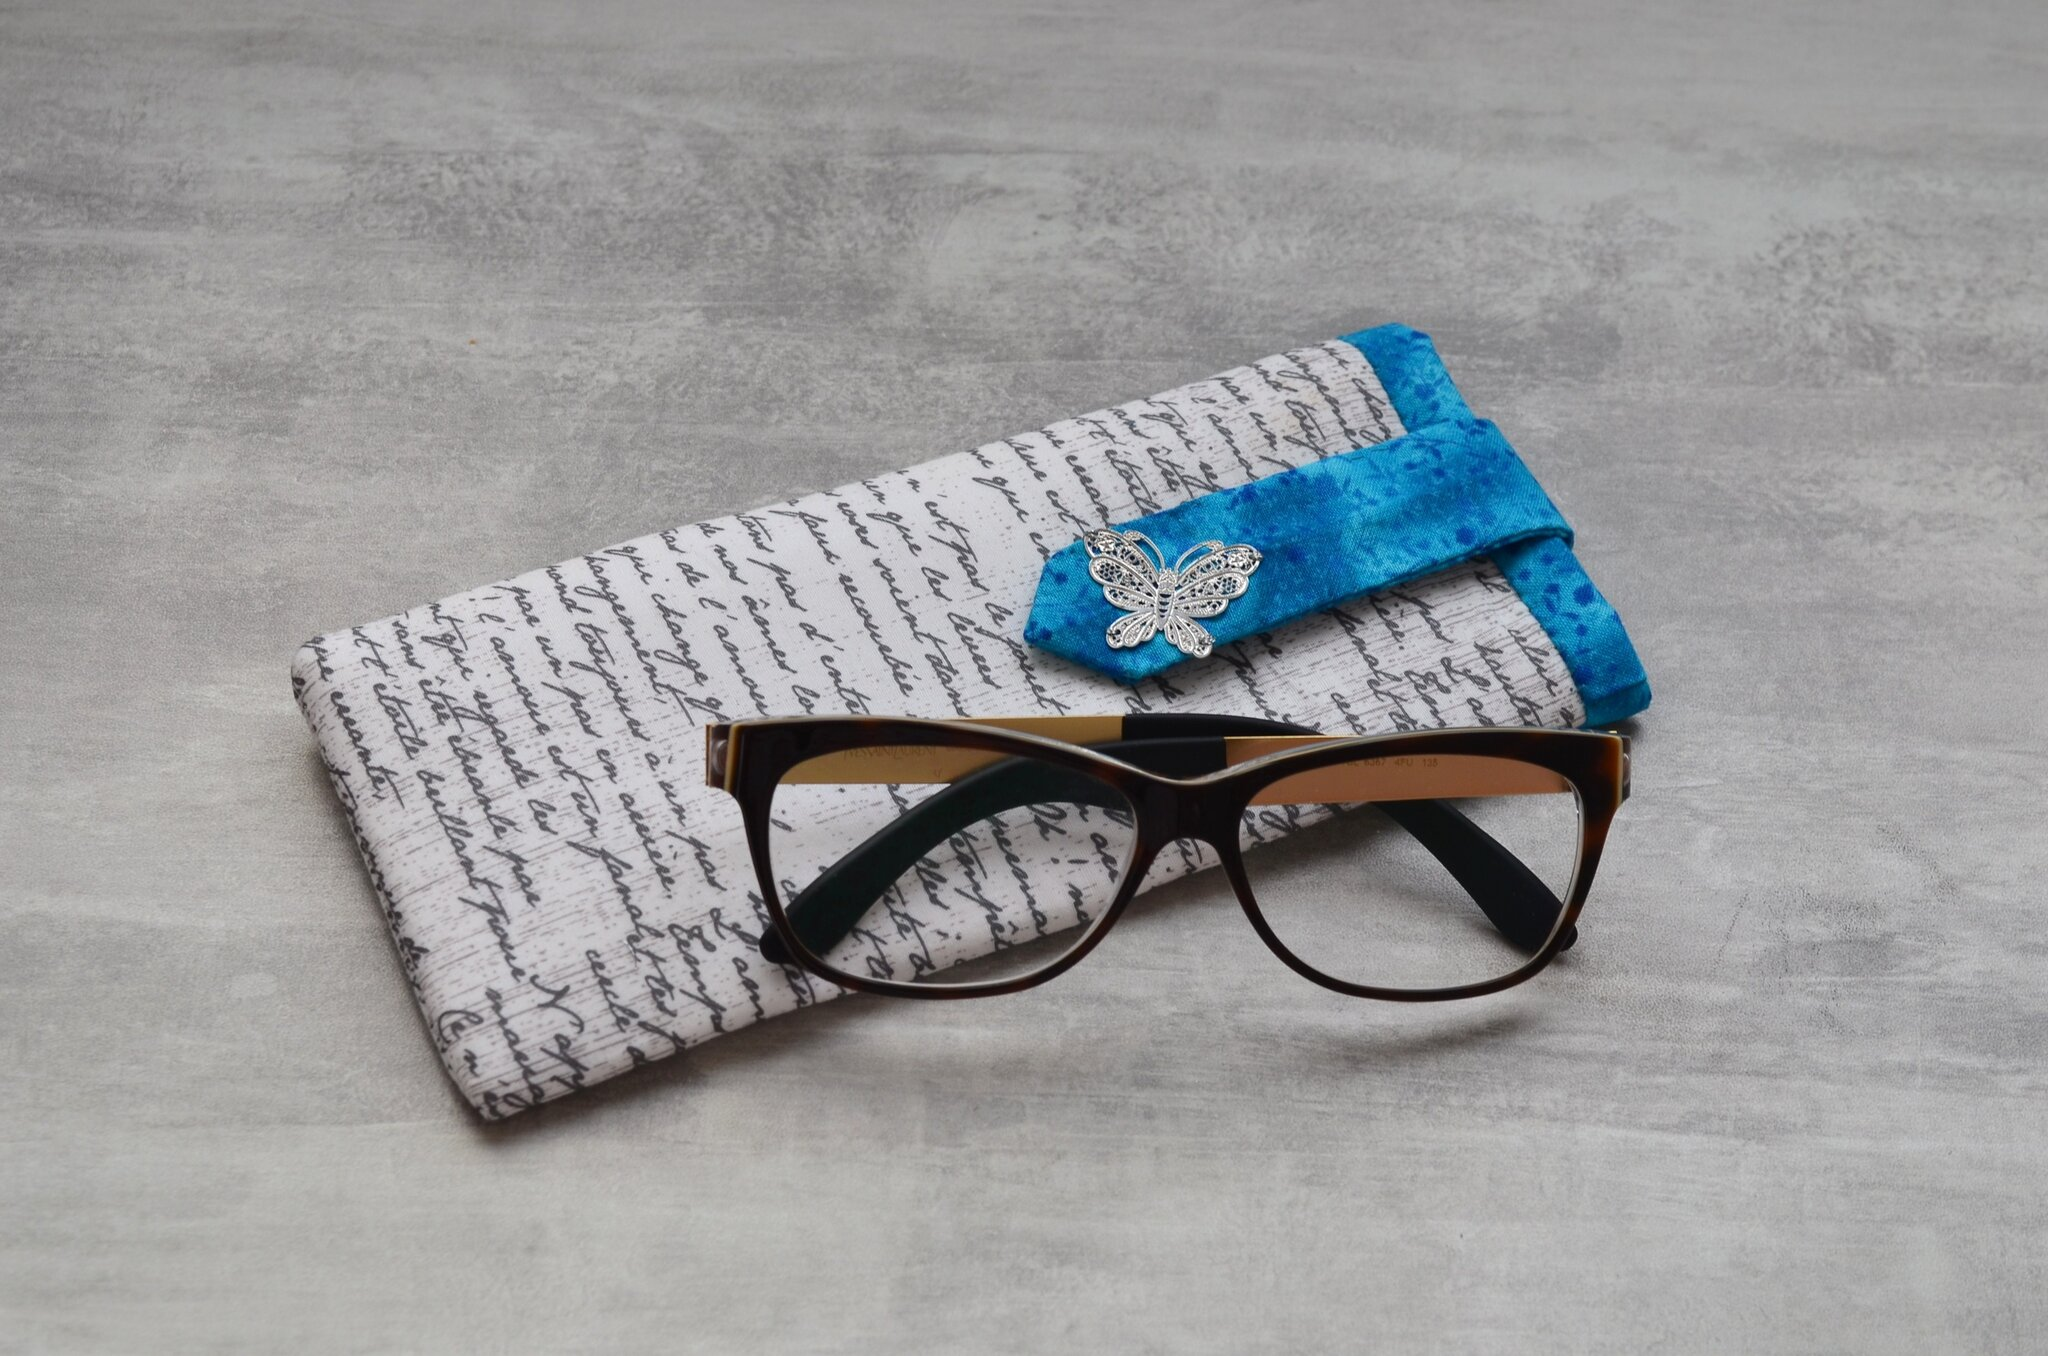 Etui___lunettes_couture_tuto_Lachouettebricole__3_